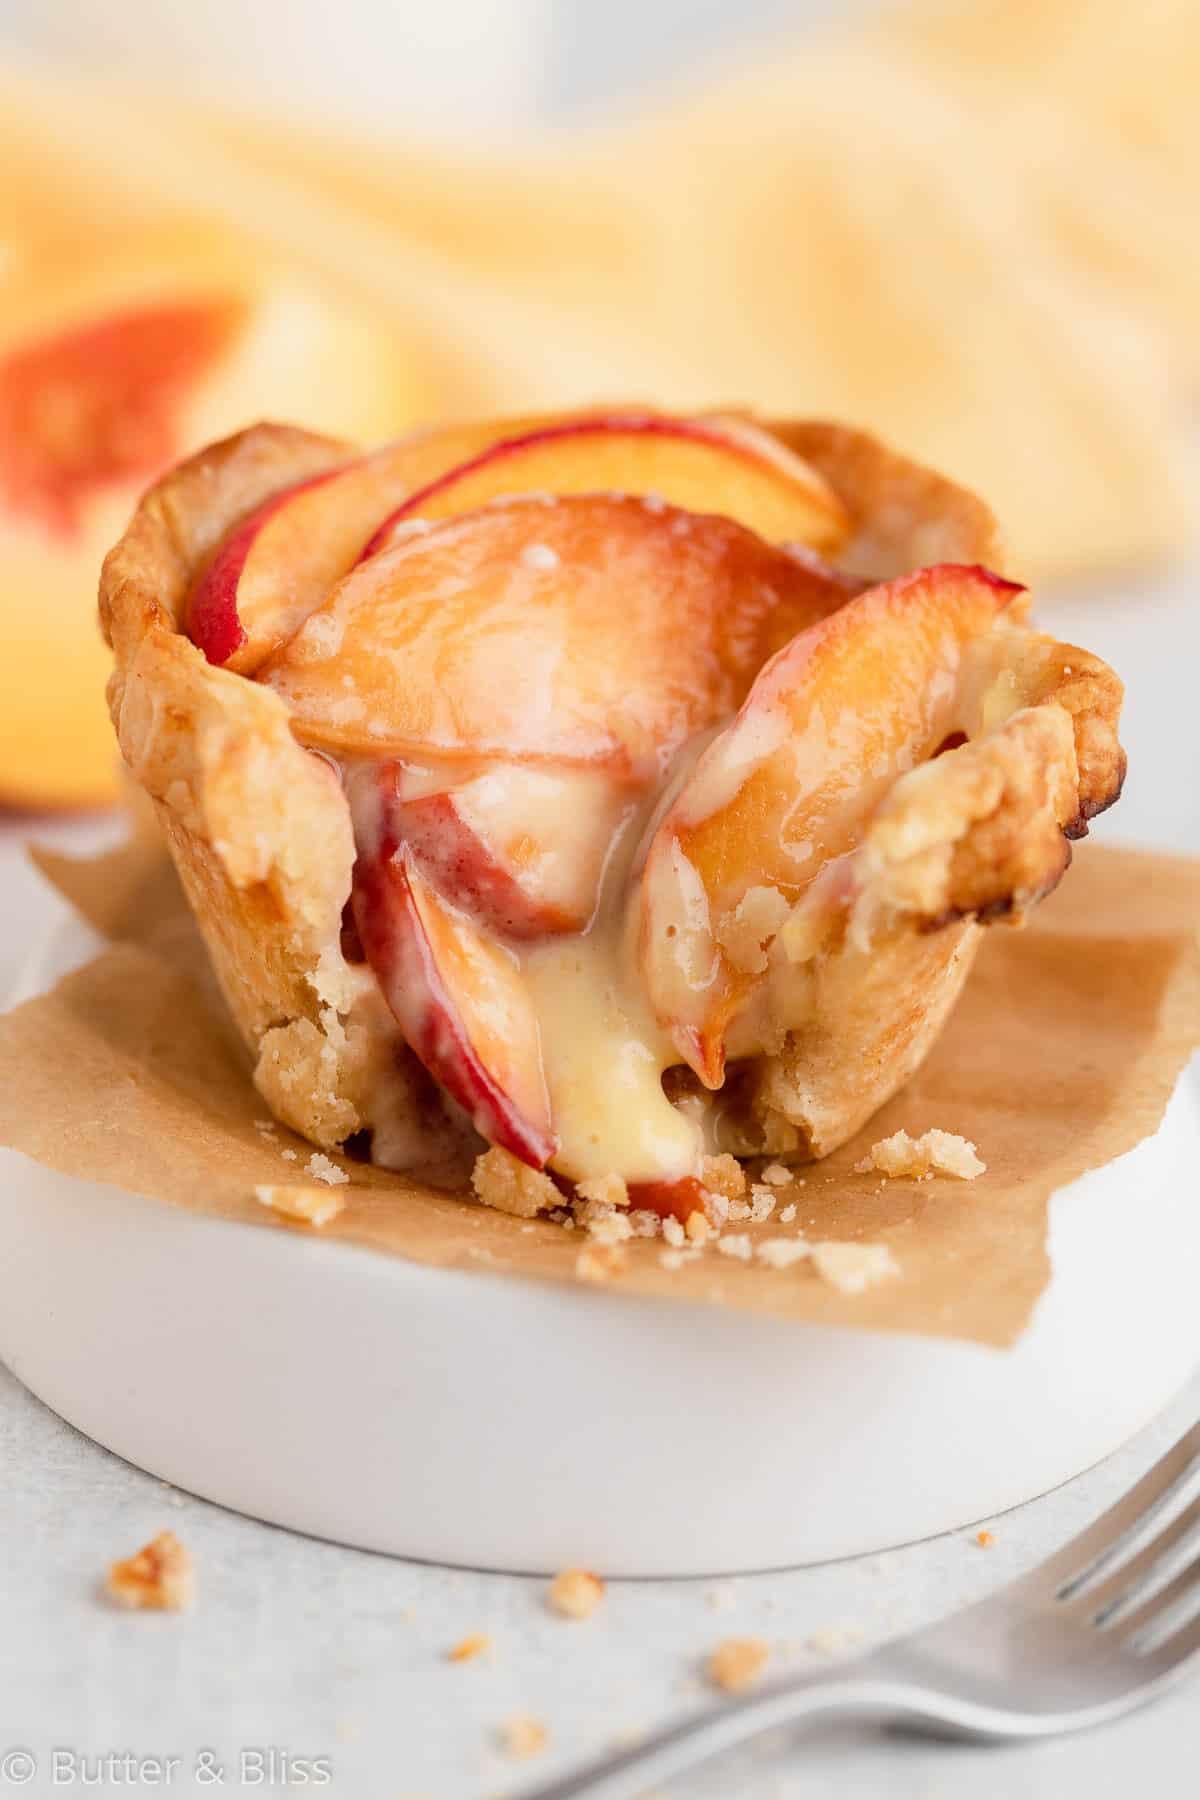 Mini peach and cream pie with a bite